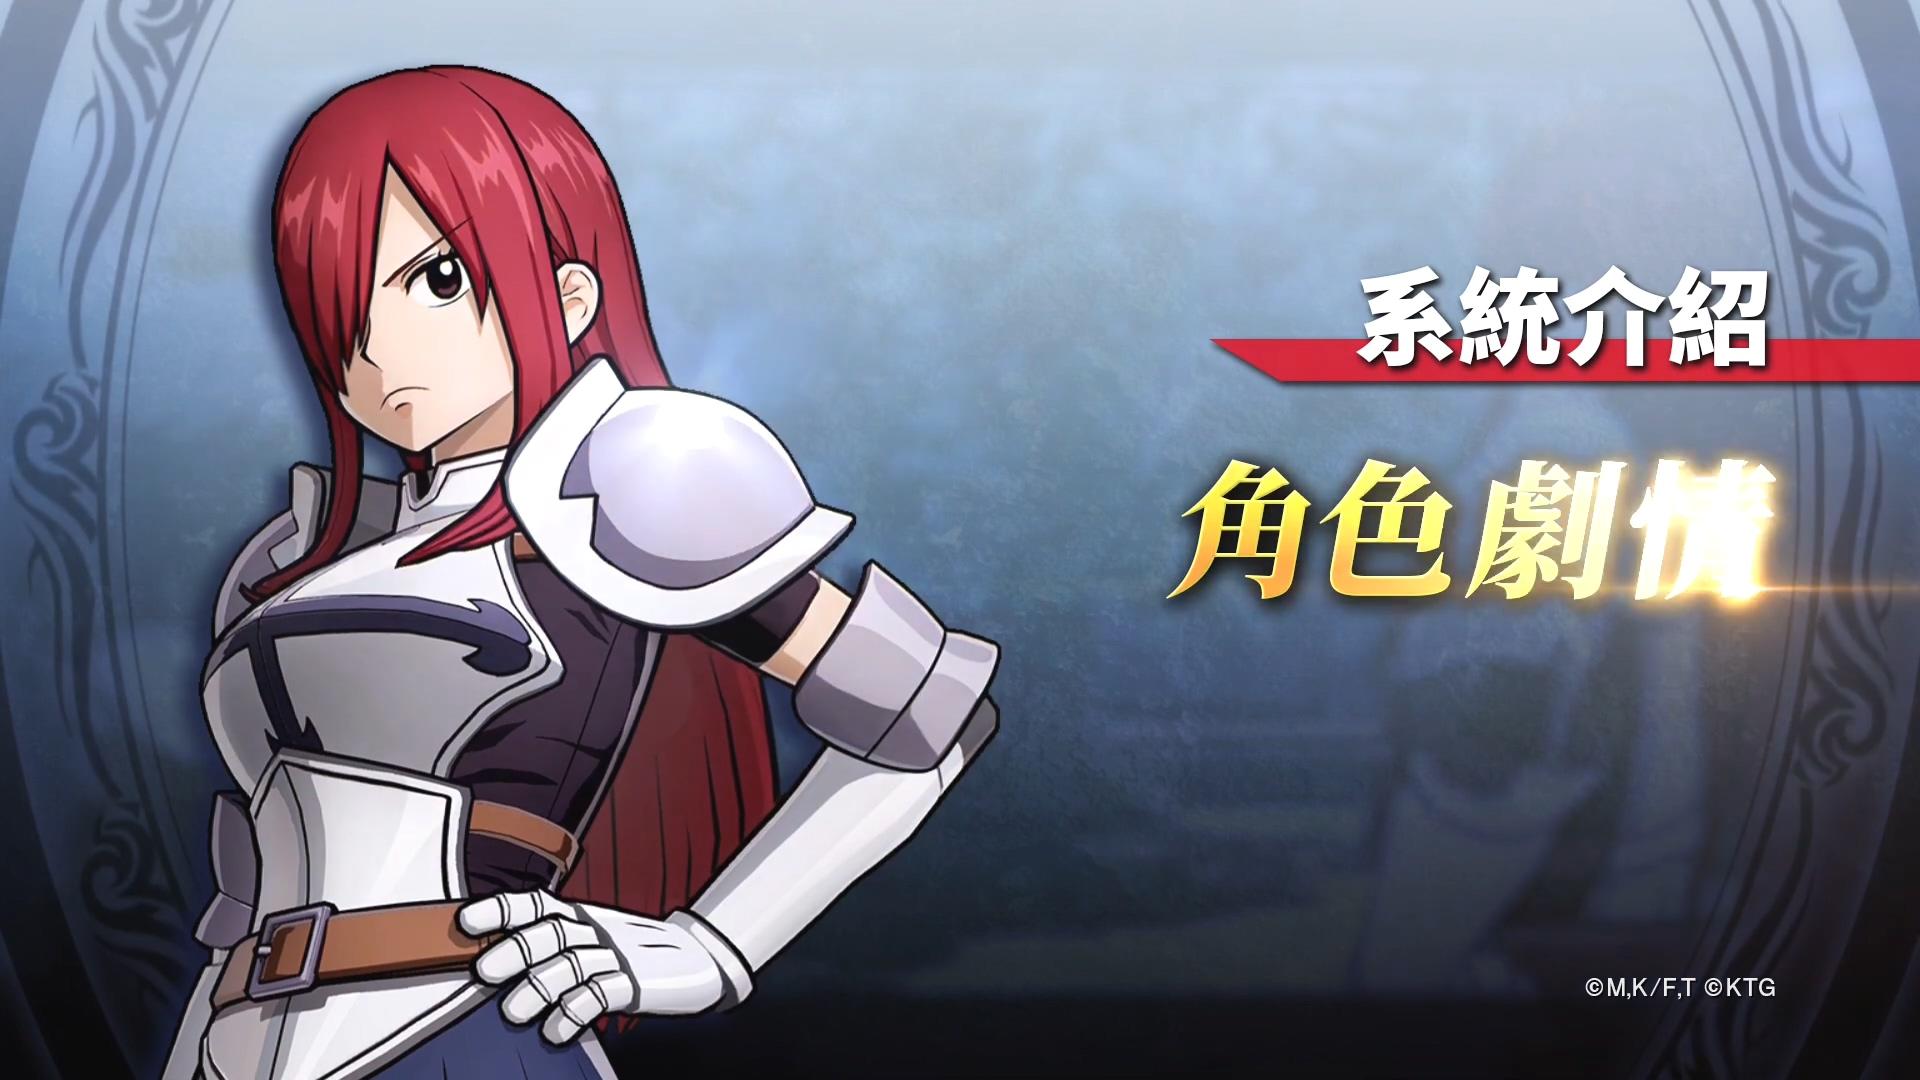 《妖精的尾巴》中文角色系统介绍预告 7月30日发